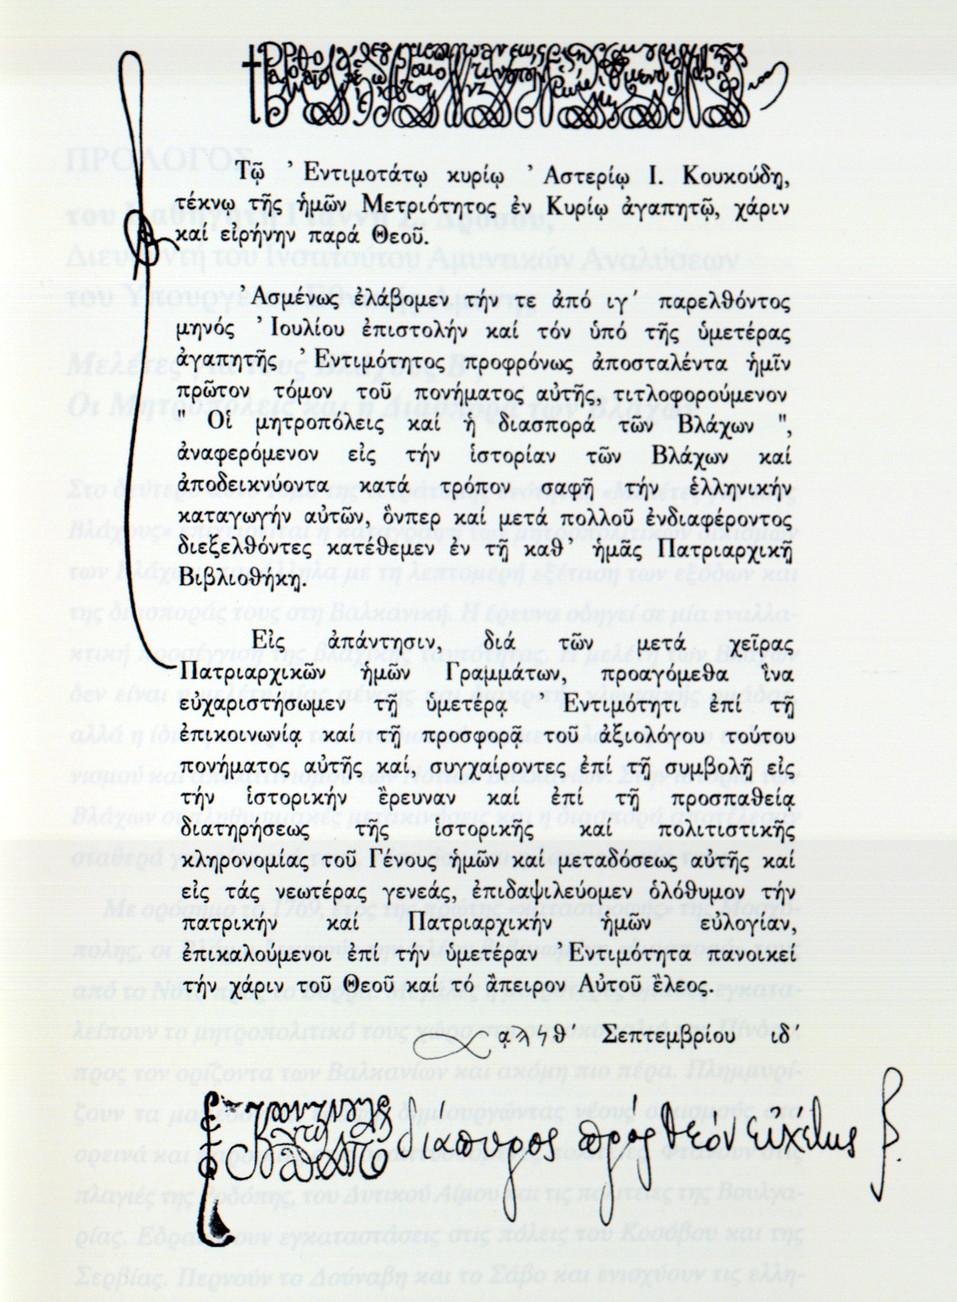 Επιστολή Πατριάρχου Κωνσταντινουπόλεως Βαρθολομαίου προς τον Αστέριο Κουκούδη